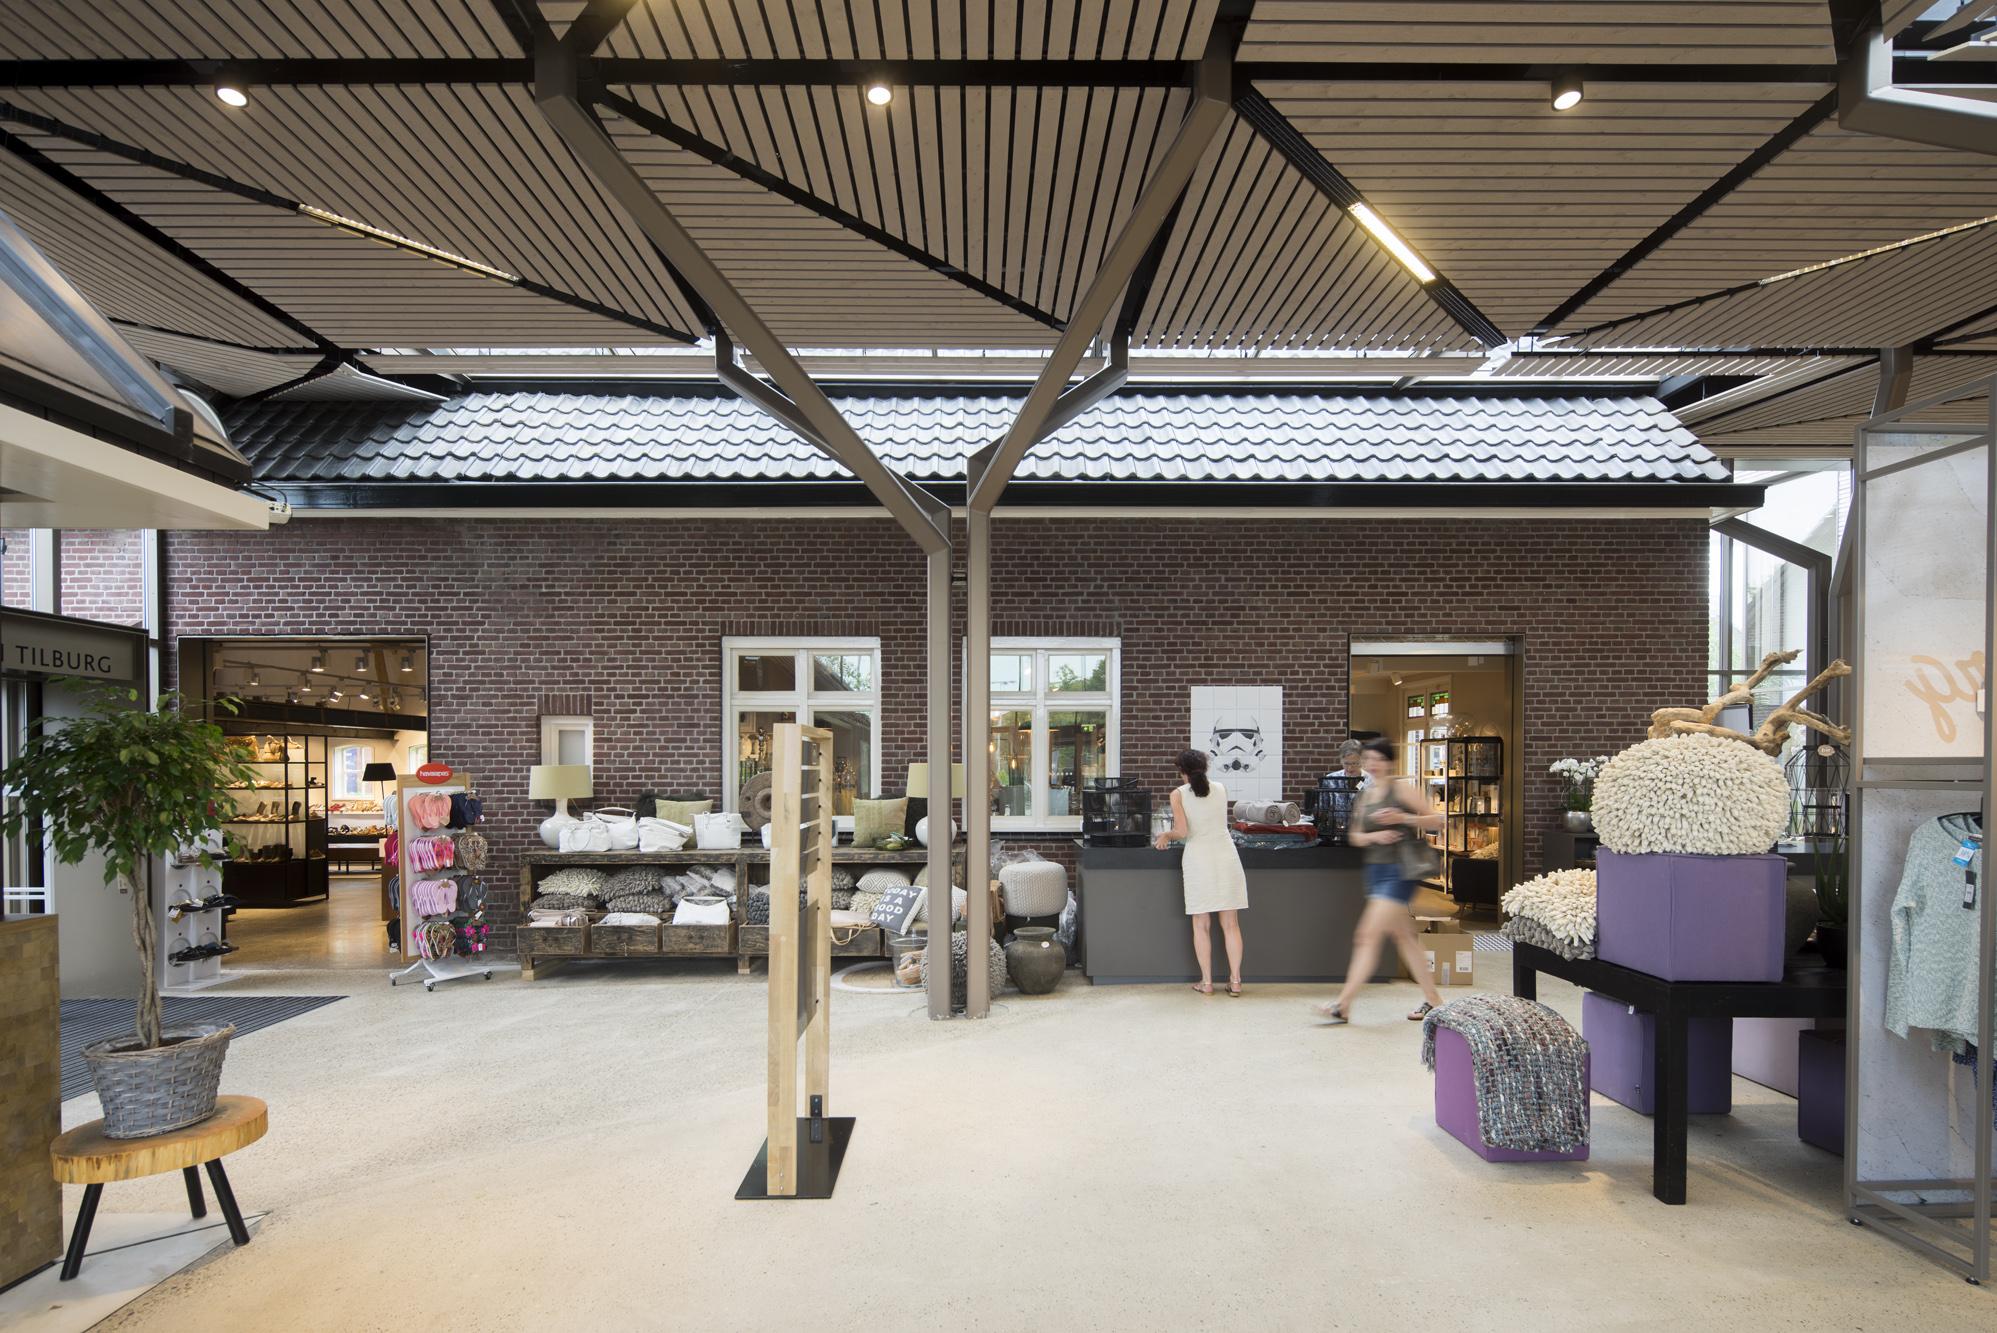 Van Tilburg Mode Jassen : Het overdekte erf hilberinkbosch de architect